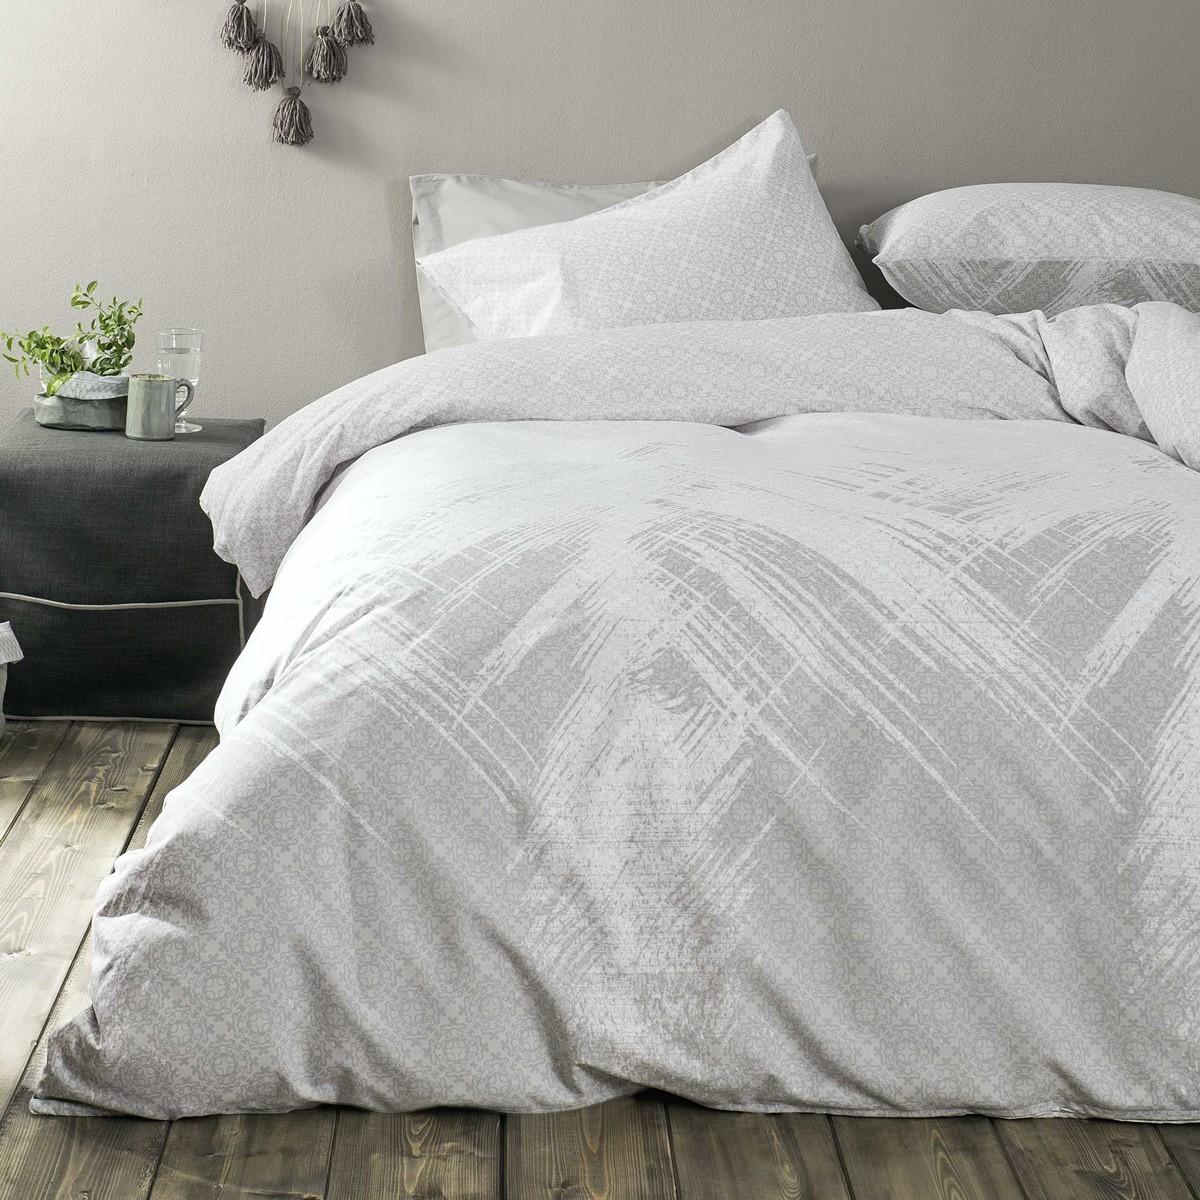 Παπλωματοθήκη Υπέρδιπλη (Σετ) Nima Bed Linen Portoro Grey